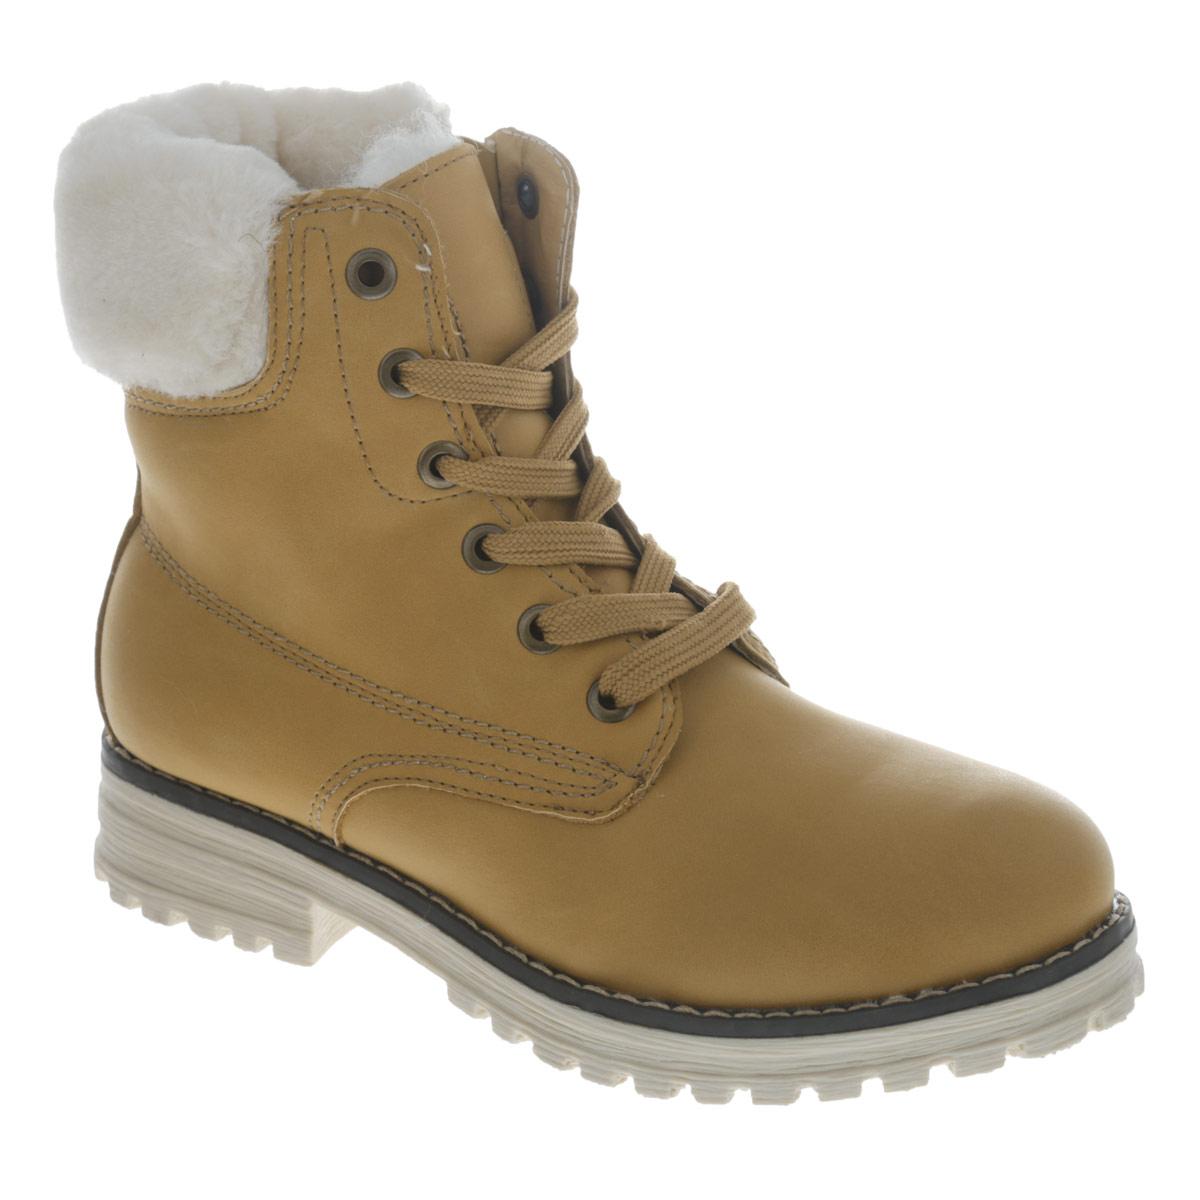 558329/12-03Модные детские ботинки для девочки Keddo выполнены из искусственного нубука (50% хлопок, 50% полиэстер) и оформлены прострочкой, а также опушкой из искусственного меха. Ботинки на устойчивом небольшом каблуке с округлым мыском внутри выполнены из натуральной шерсти. Съемная стелька также выполнена из натуральной шерсти. Высокая прошитая подошва изготовлена из гибкого, нескользящего материала, устойчивого к истиранию и перепадам температур. Шнуровка и боковая застежка-молния позволяют модели отлично сидеть на ноге. Детские ботинки Keddo отличаются удобством.